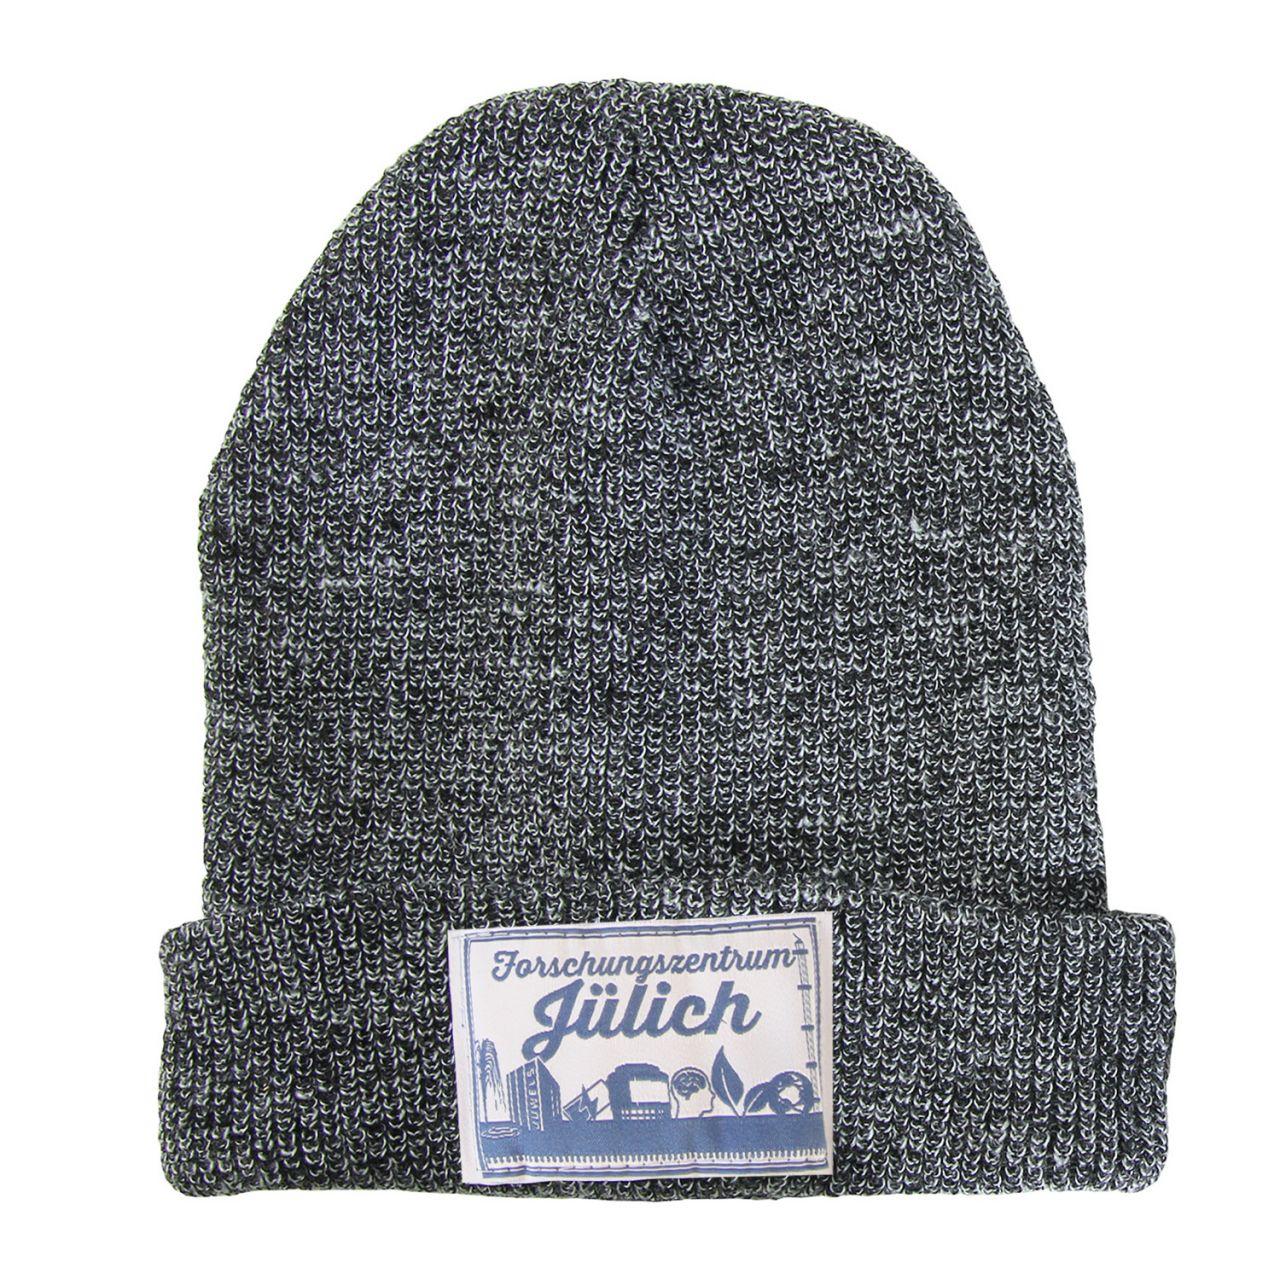 Wollmütze, grey, label